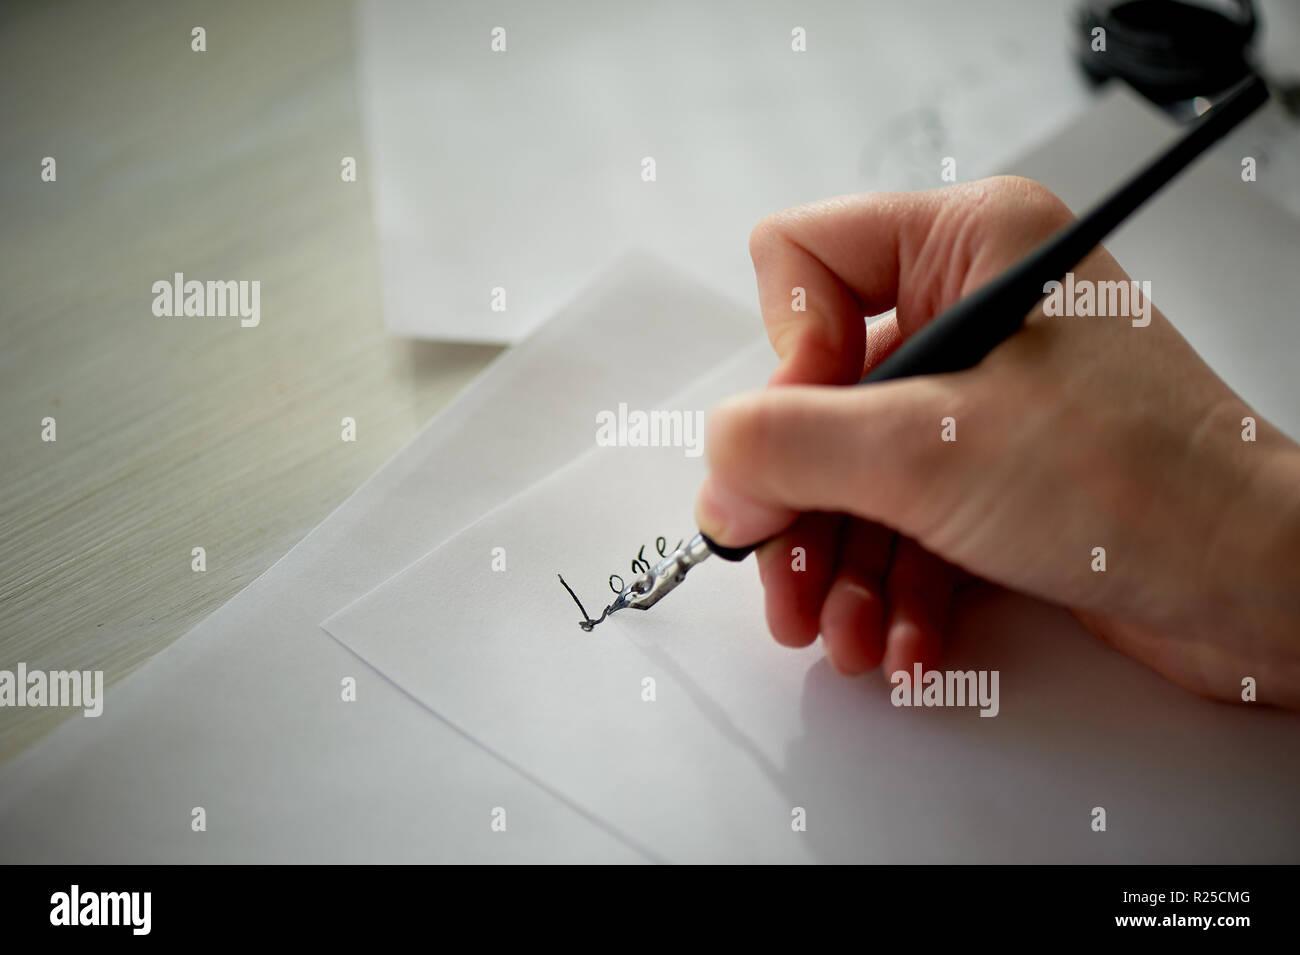 Die Hand einer Frau schreibt mit Tinte, einen Füllfederhalter. Schreiben. Der kreative Prozess der Erstellung einer Arbeit, das Wort Liebe Stockbild